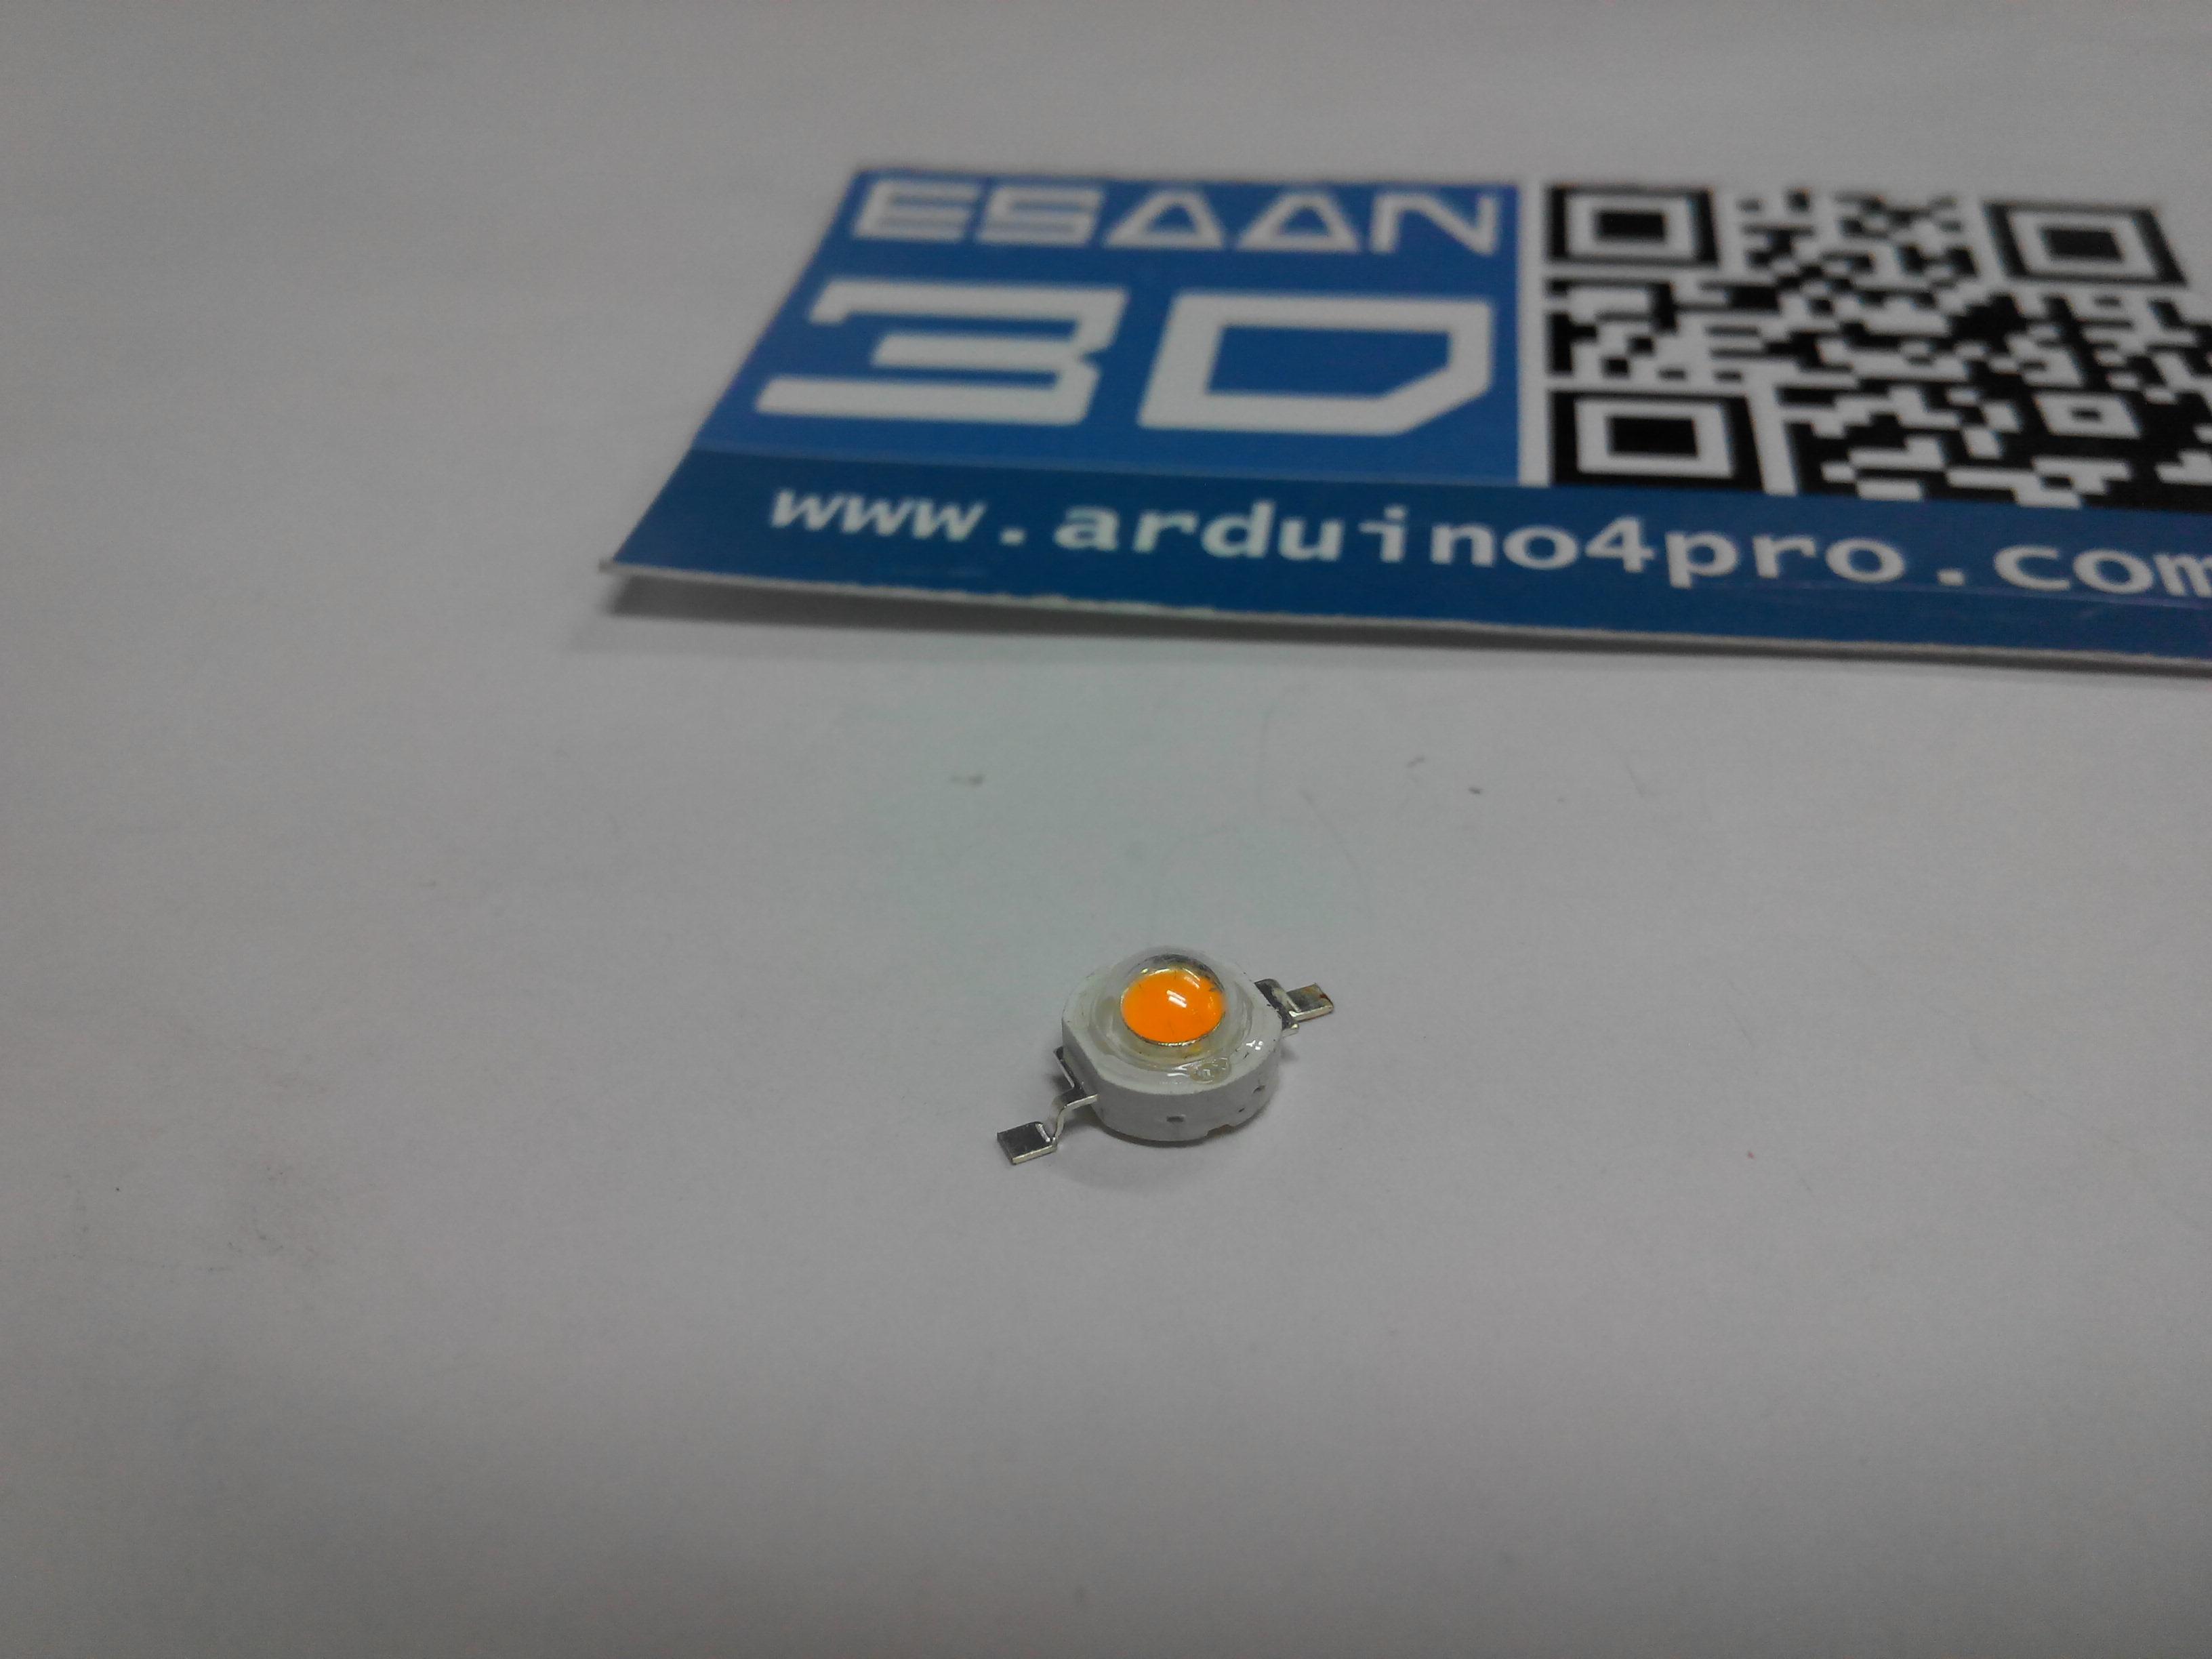 3W power LED แสงสีเหลือง แรงดัน 3.2-3.4V อัตราความสว่าง 240-280LM